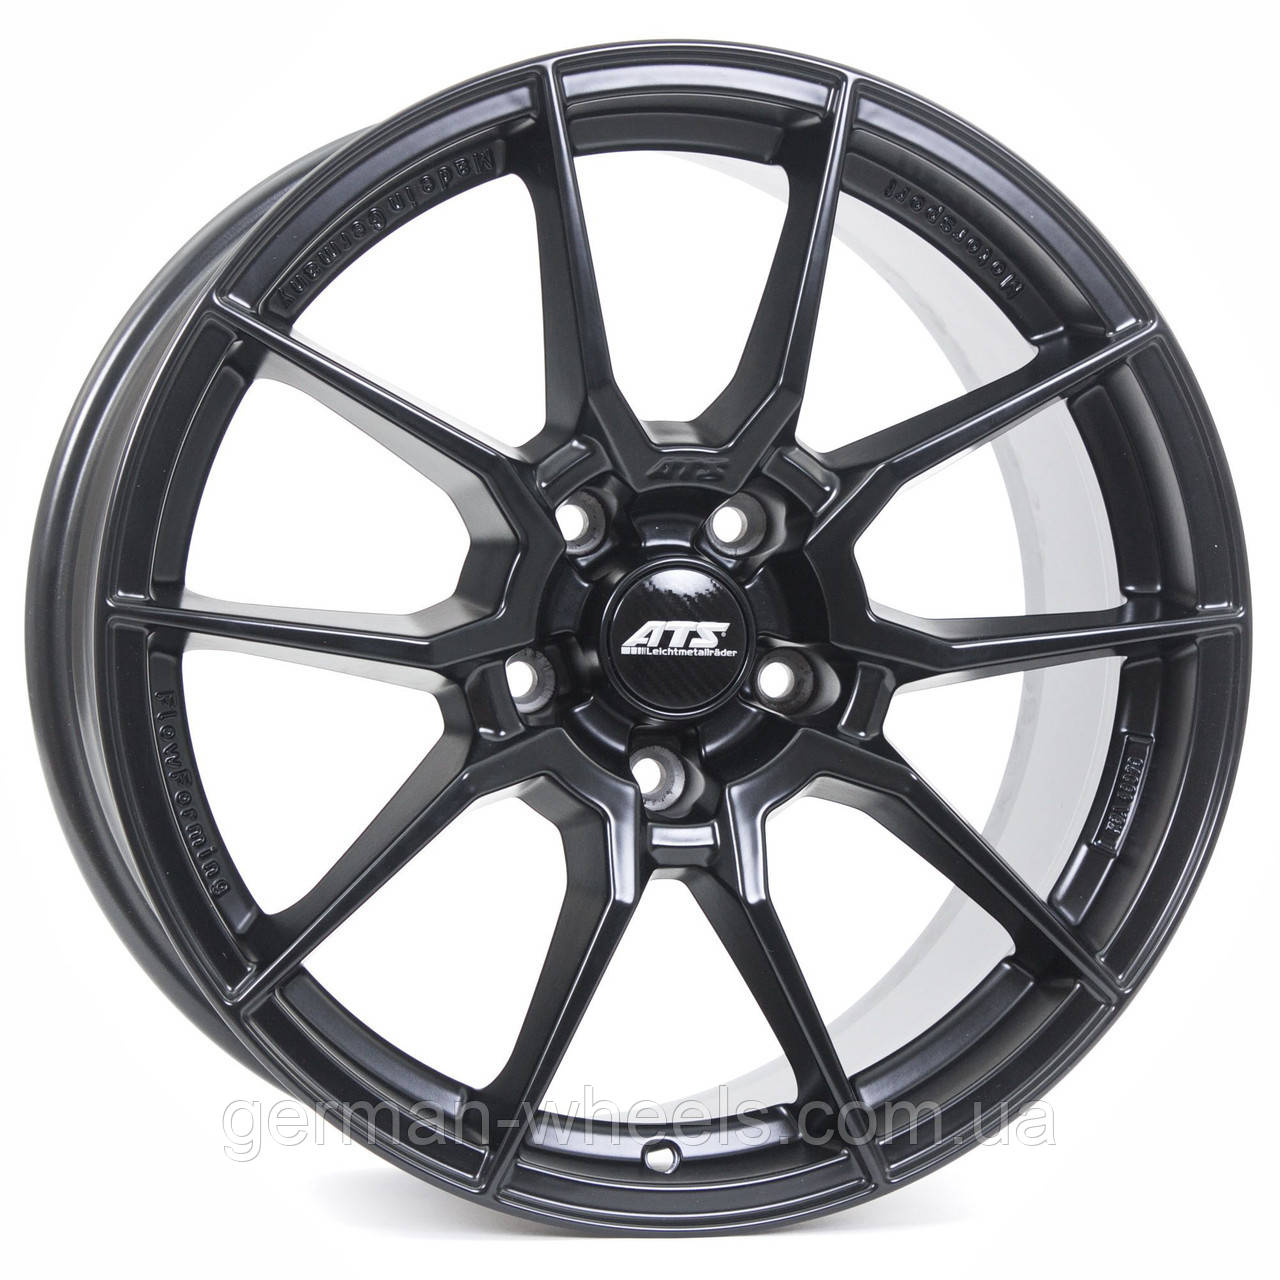 """Диски ATS (АТС) модель RACELIGHT цвет Racing-black параметры 8.5J x 18"""" 5 x  112 ET 30"""